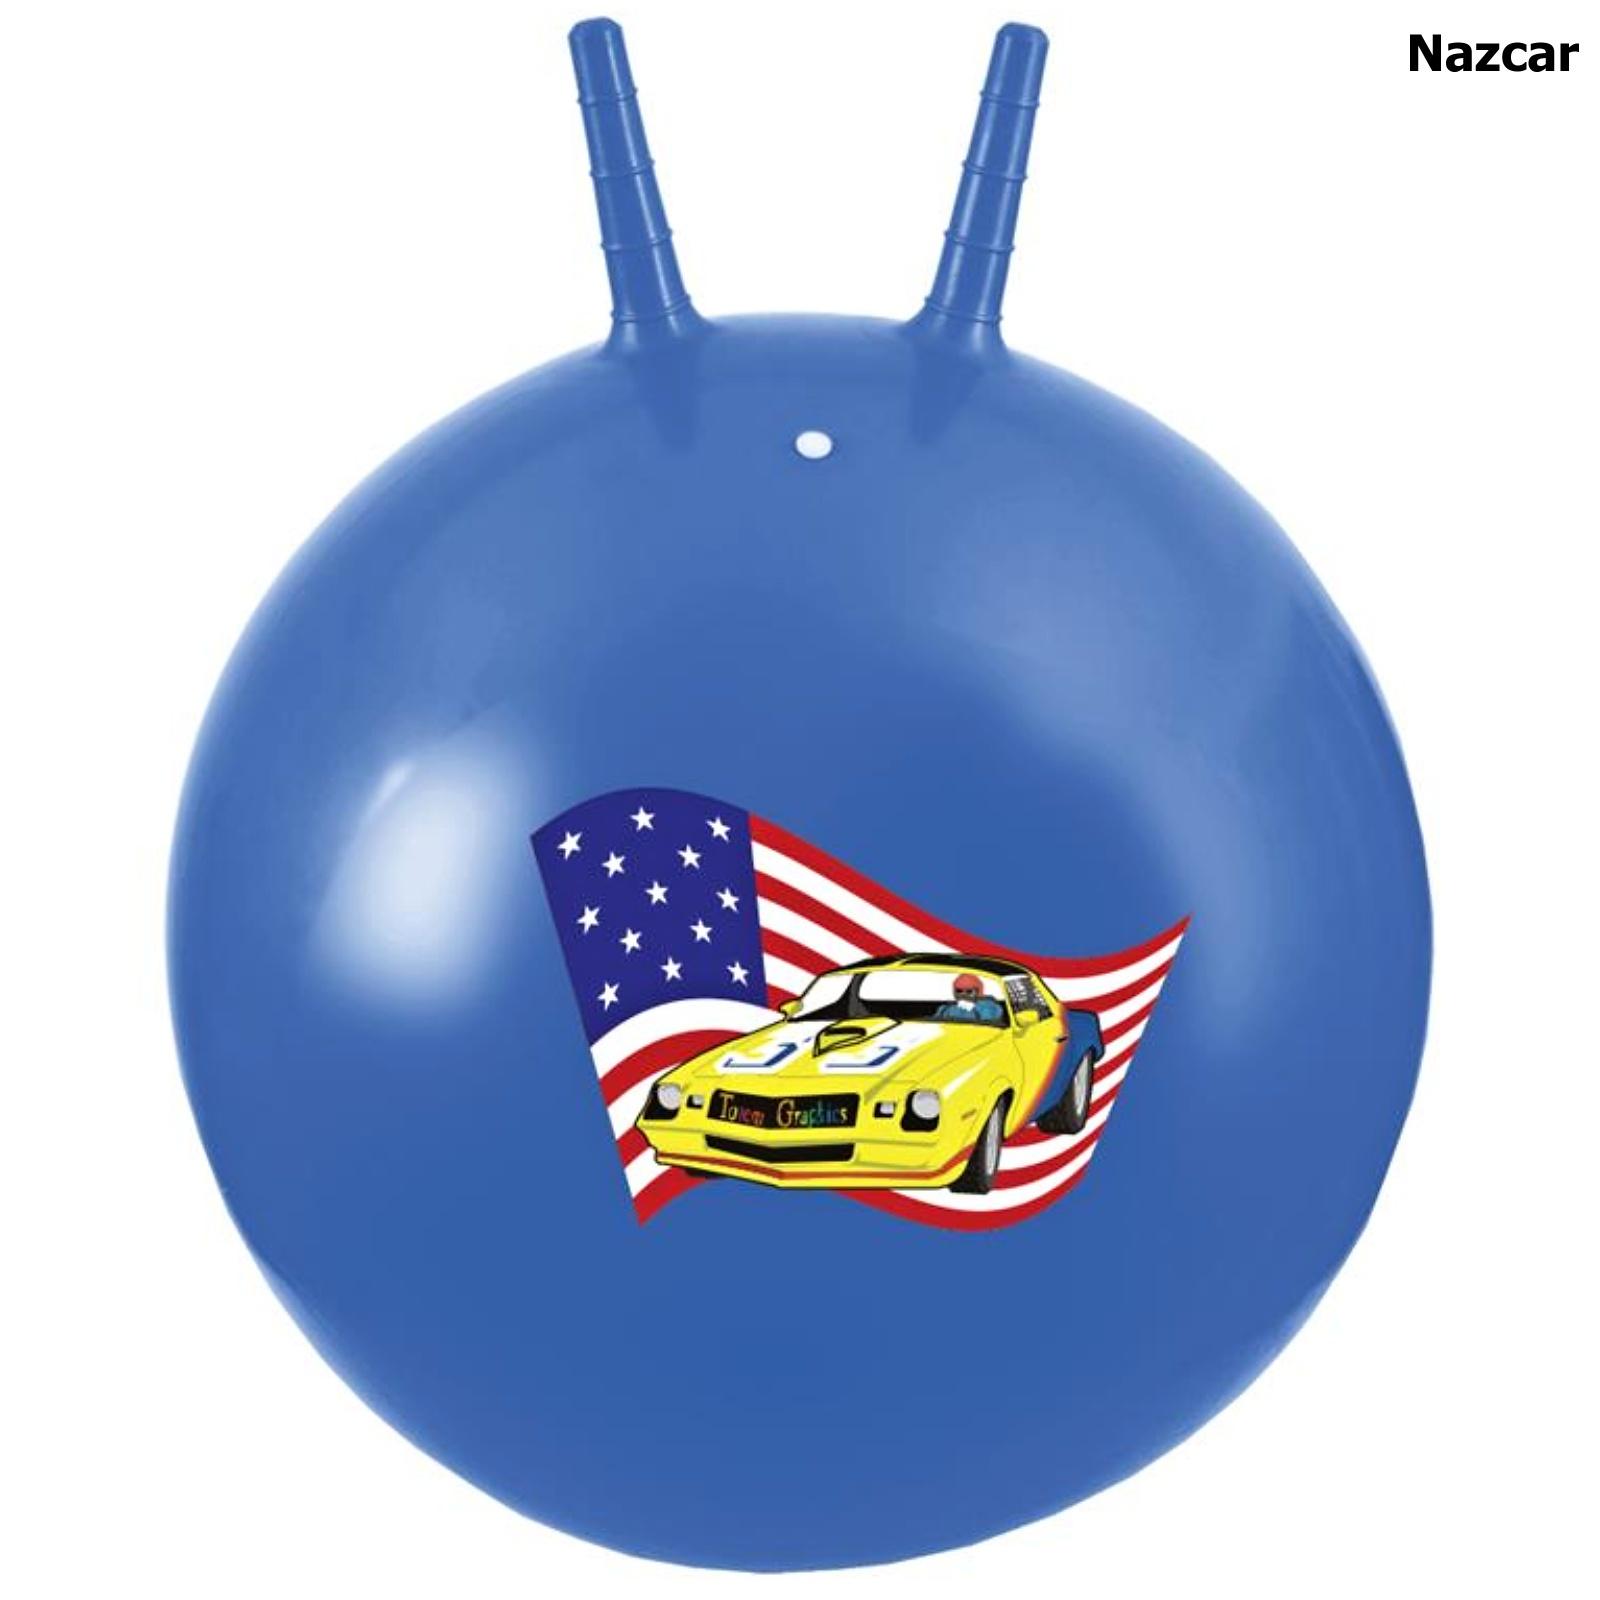 Skákací míč SPOKEY 60 cm Nazcar